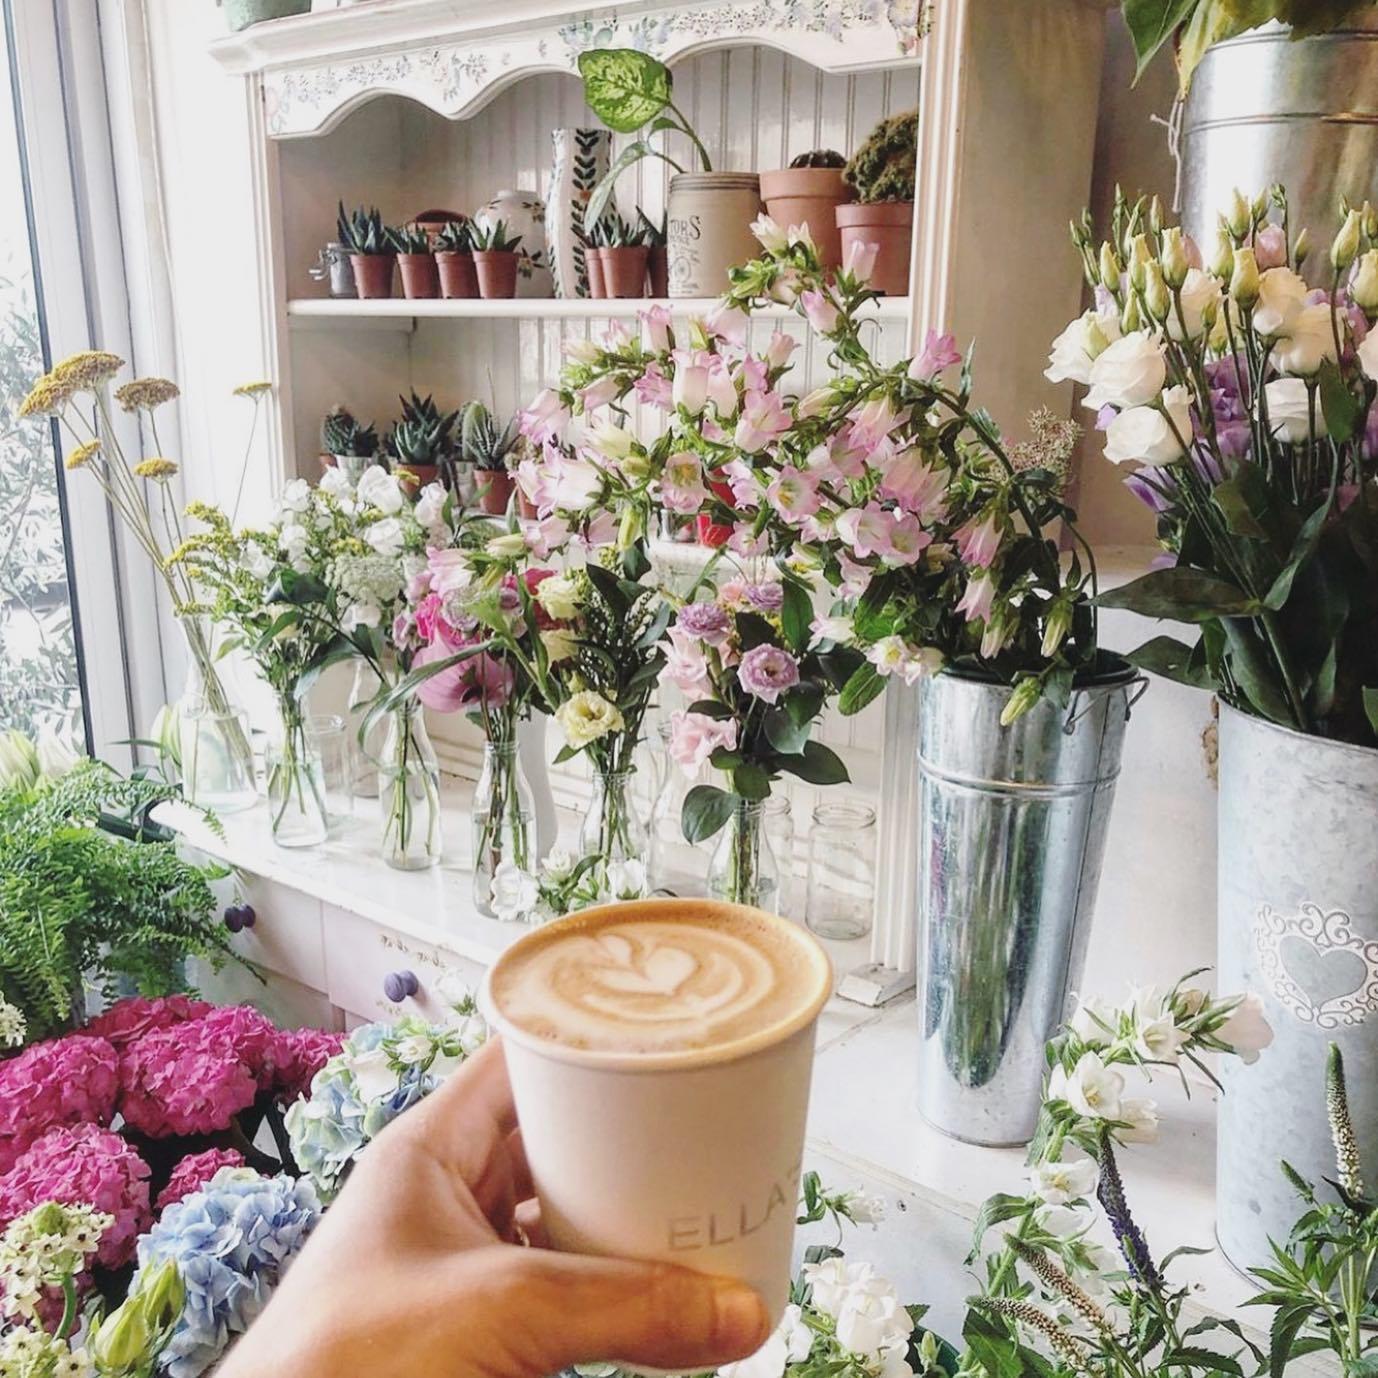 kafe 2